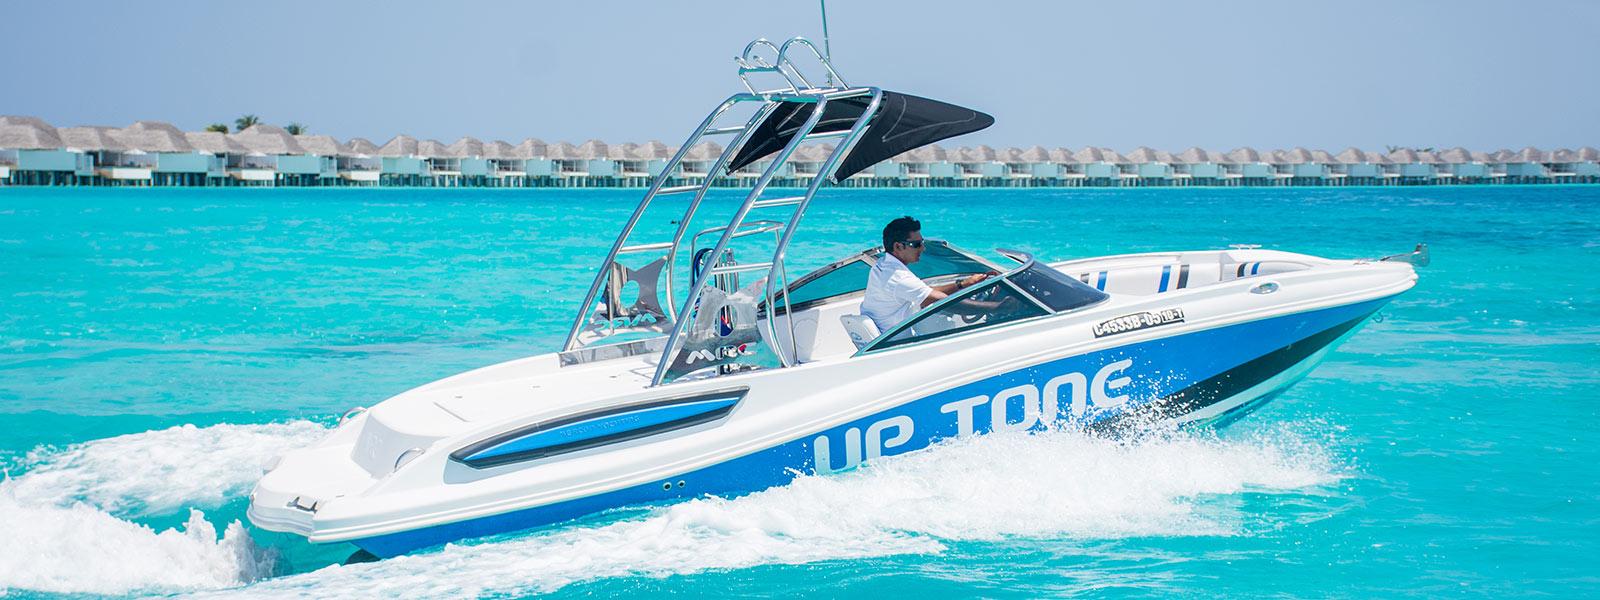 Private boat charter Maldives